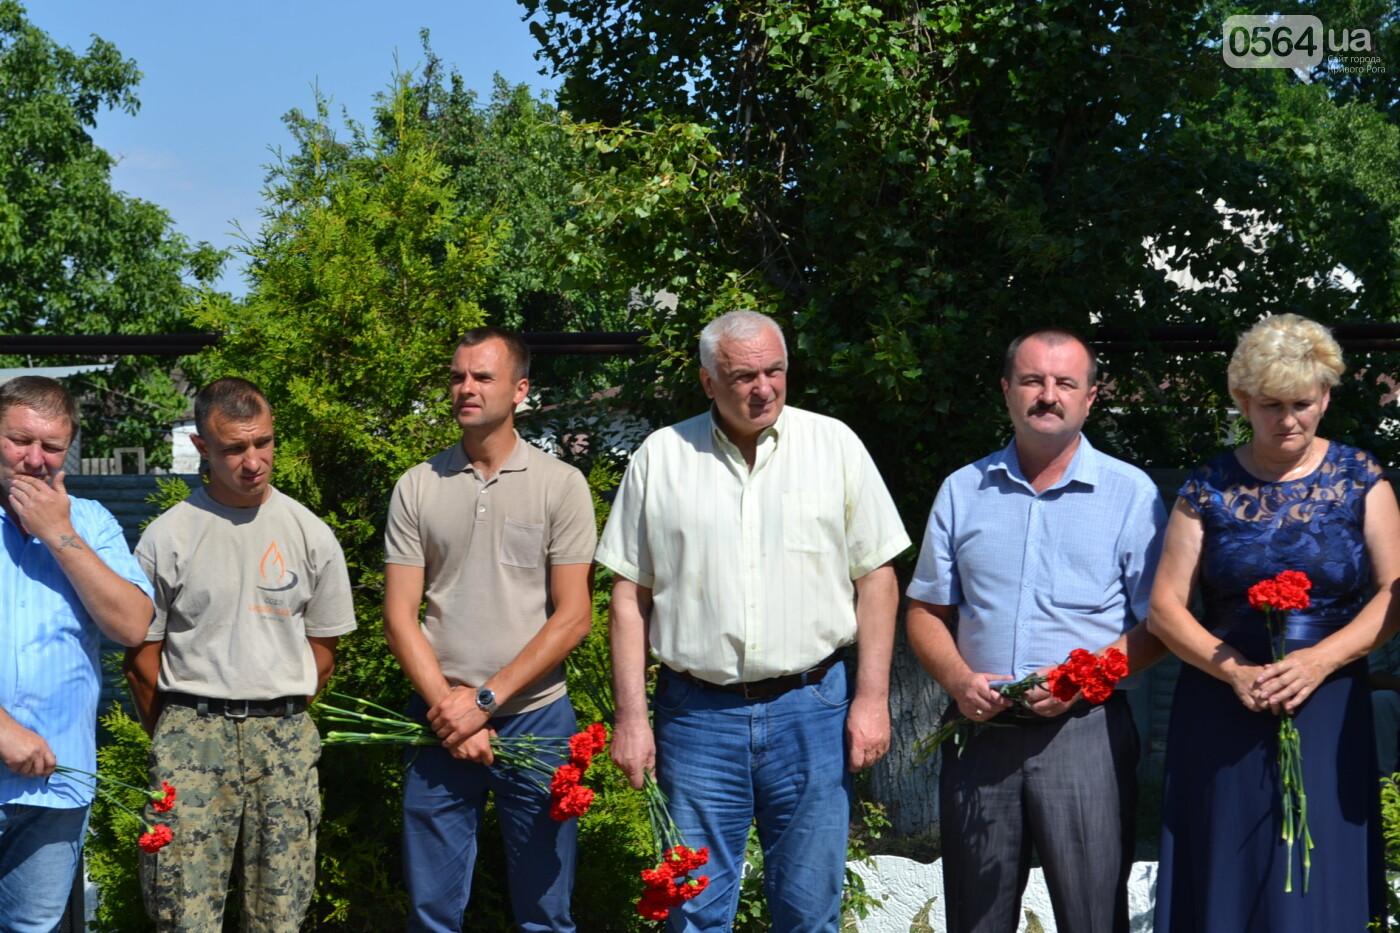 Вечная память! На Криворожье торжественно захоронили останки 43 воинов Второй мировой, - ФОТО, ВИДЕО, фото-21